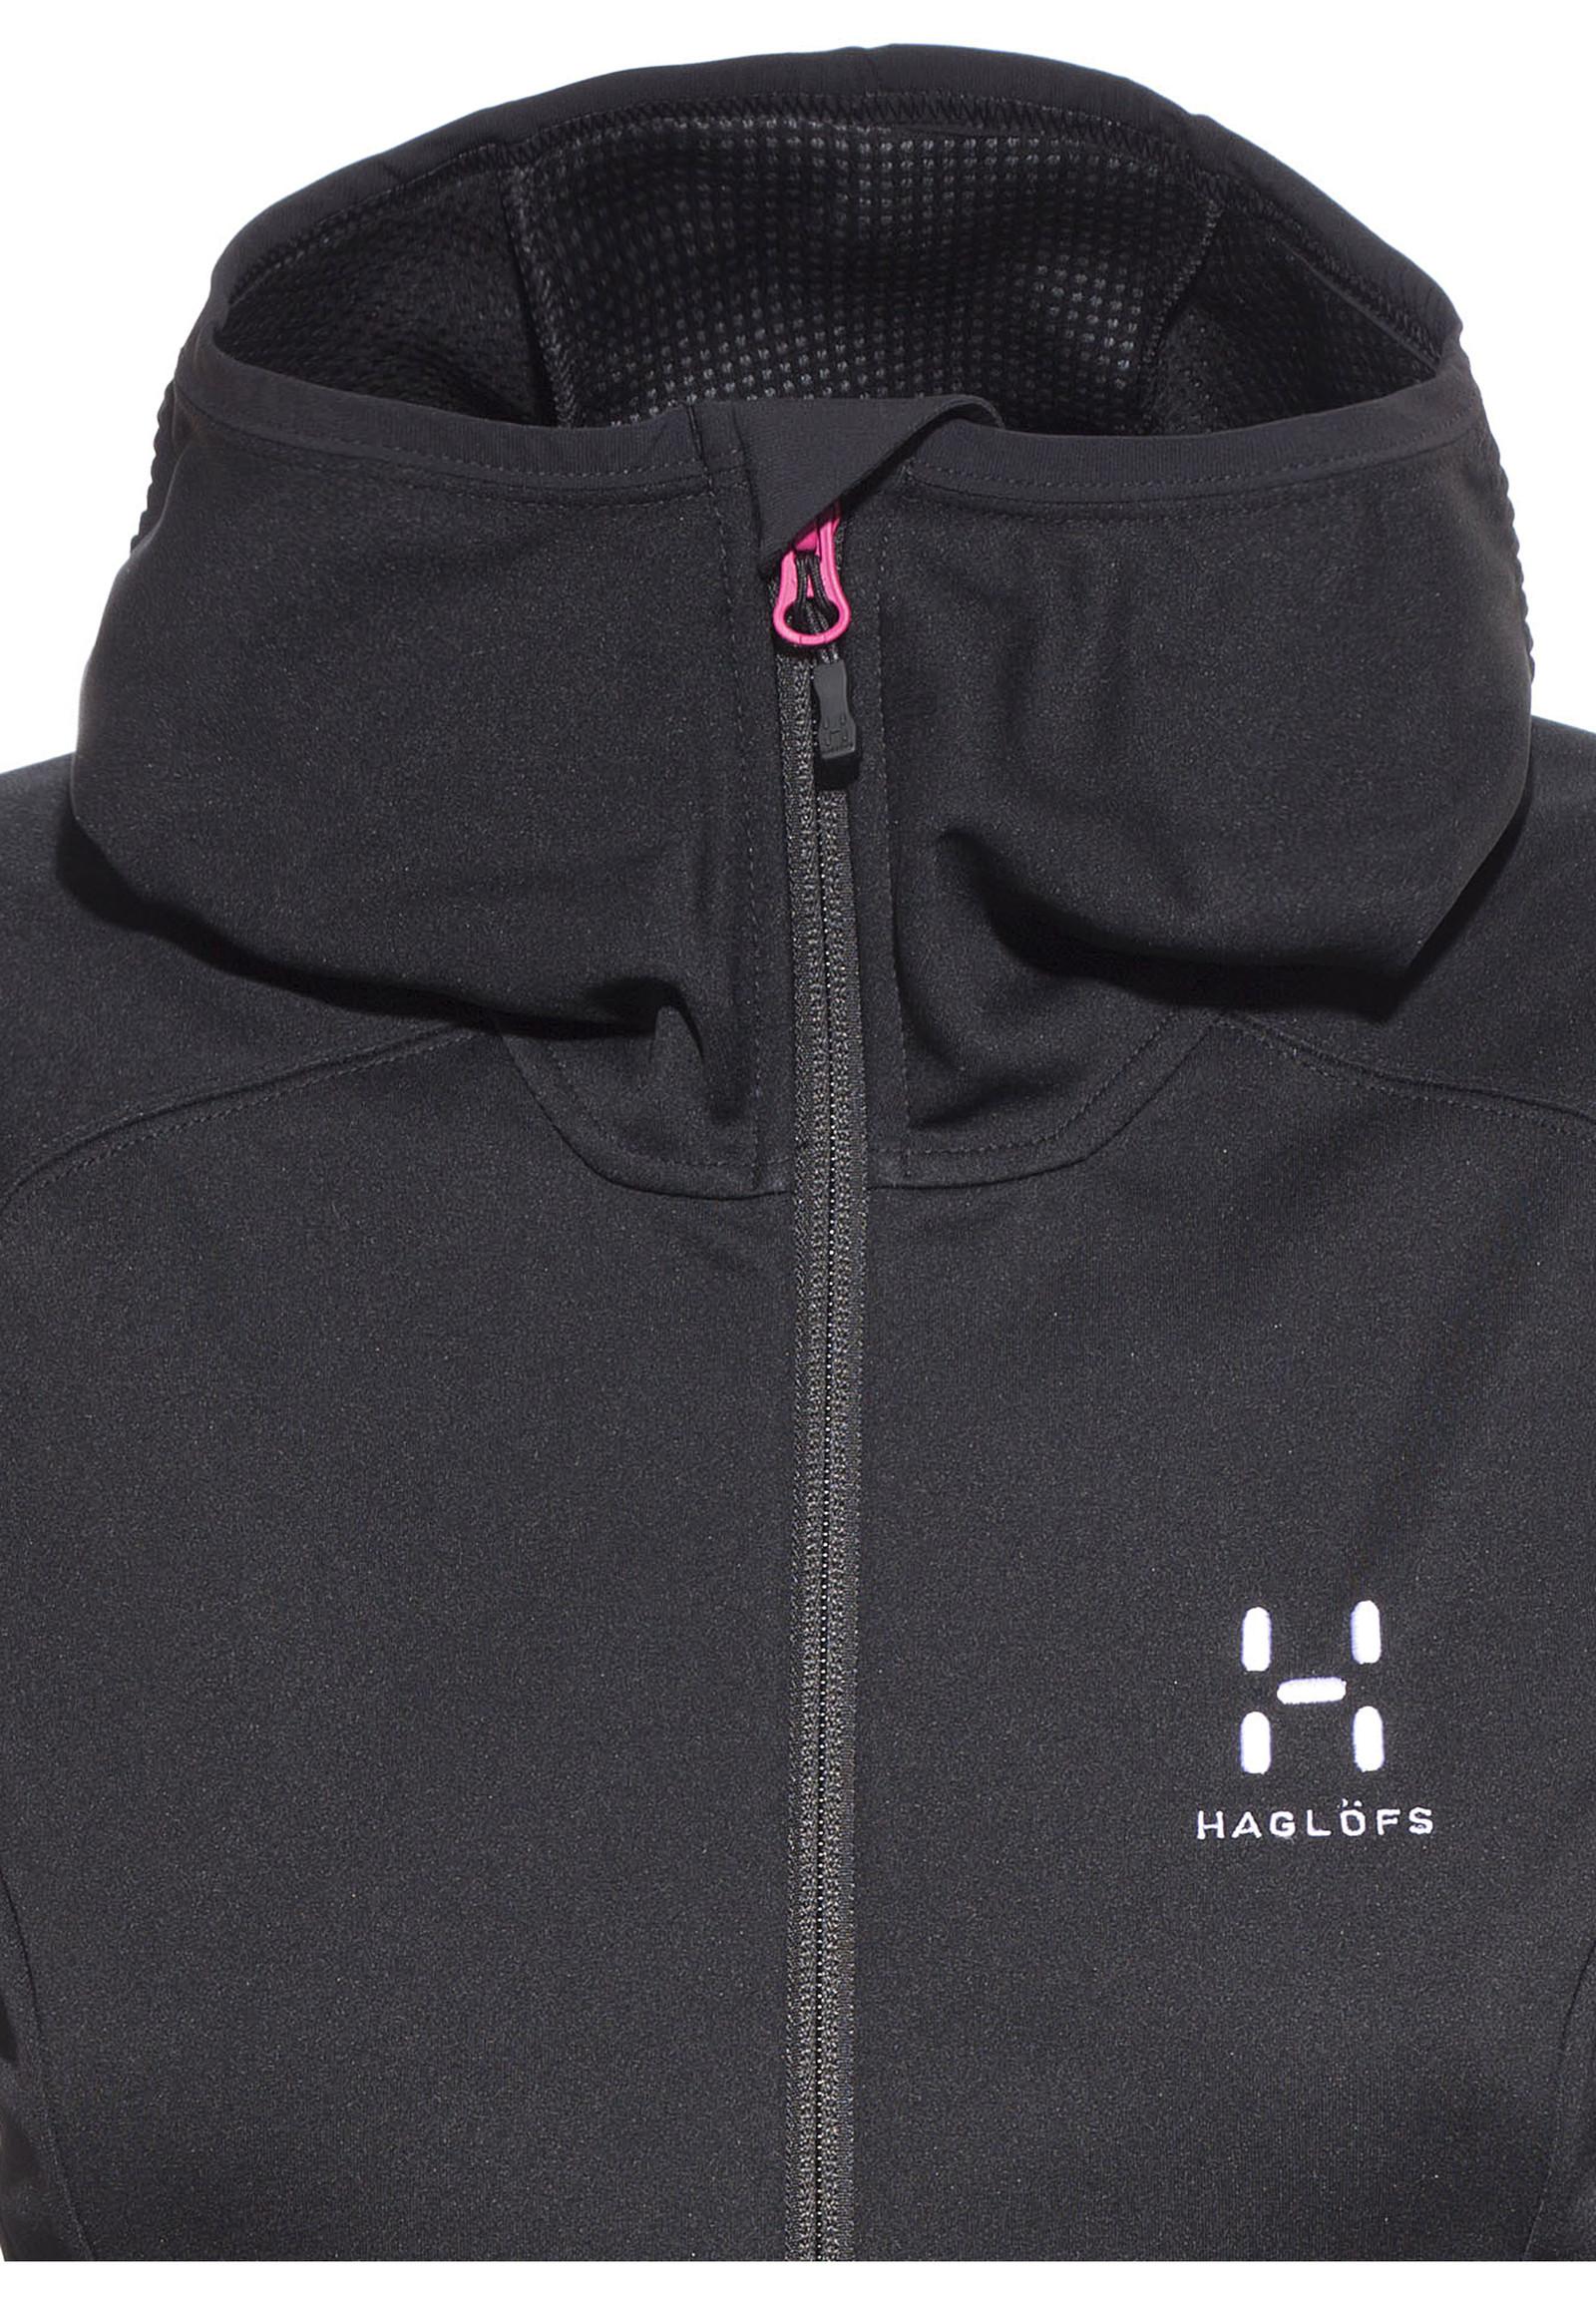 Haglöfs Softshell jakke Hood Dame str. M (Ny med merkelapper